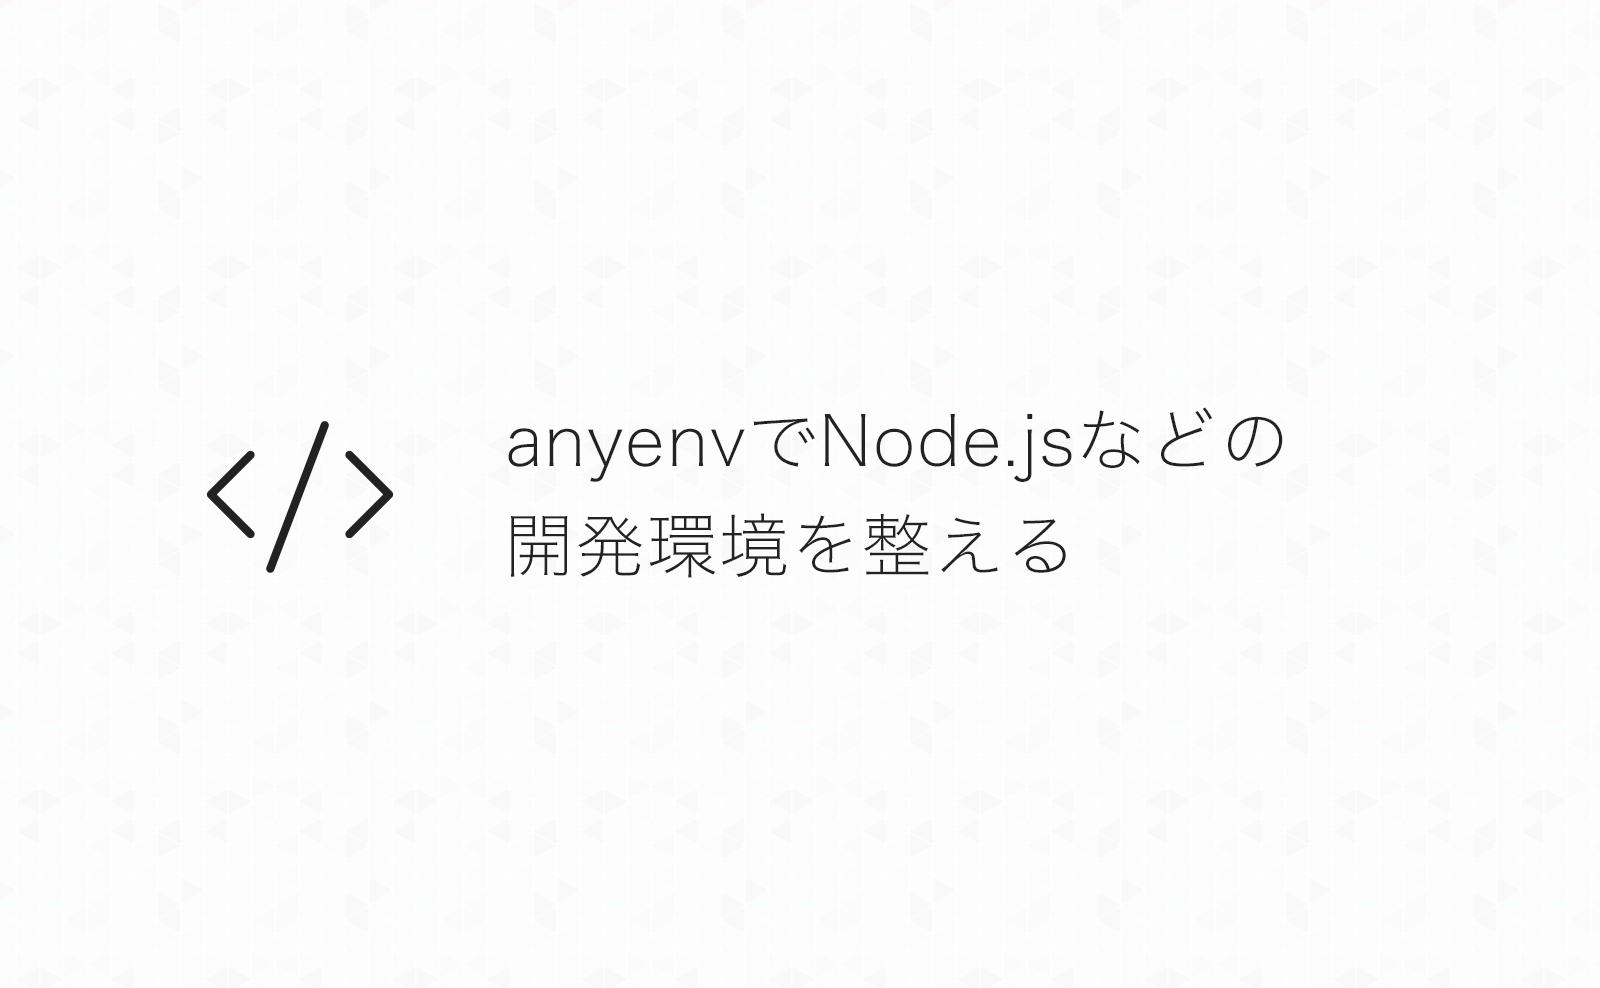 MacにanyenvをインストールしてNode.jsなどの開発環境を整える